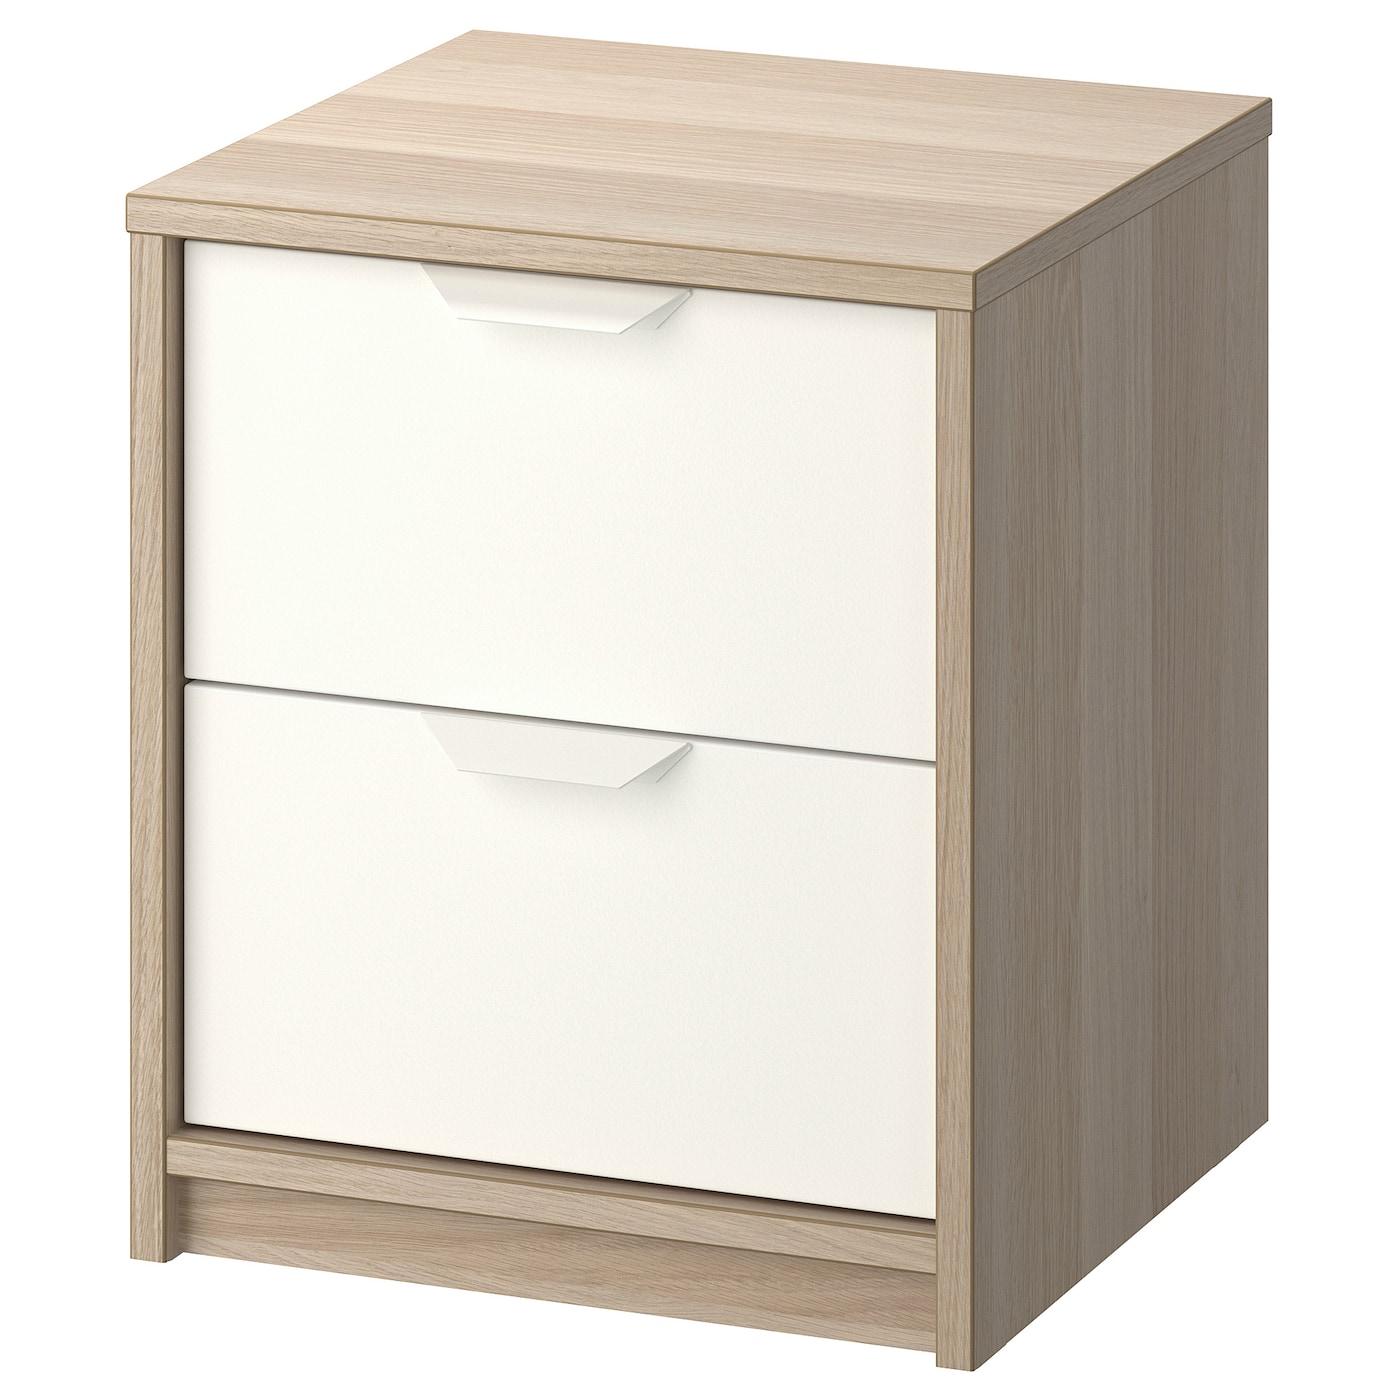 IKEA ASKVOLL komoda o fakturze dębu pokrytego białą bejca z dwiema białymi szufladami, 41x48 cm